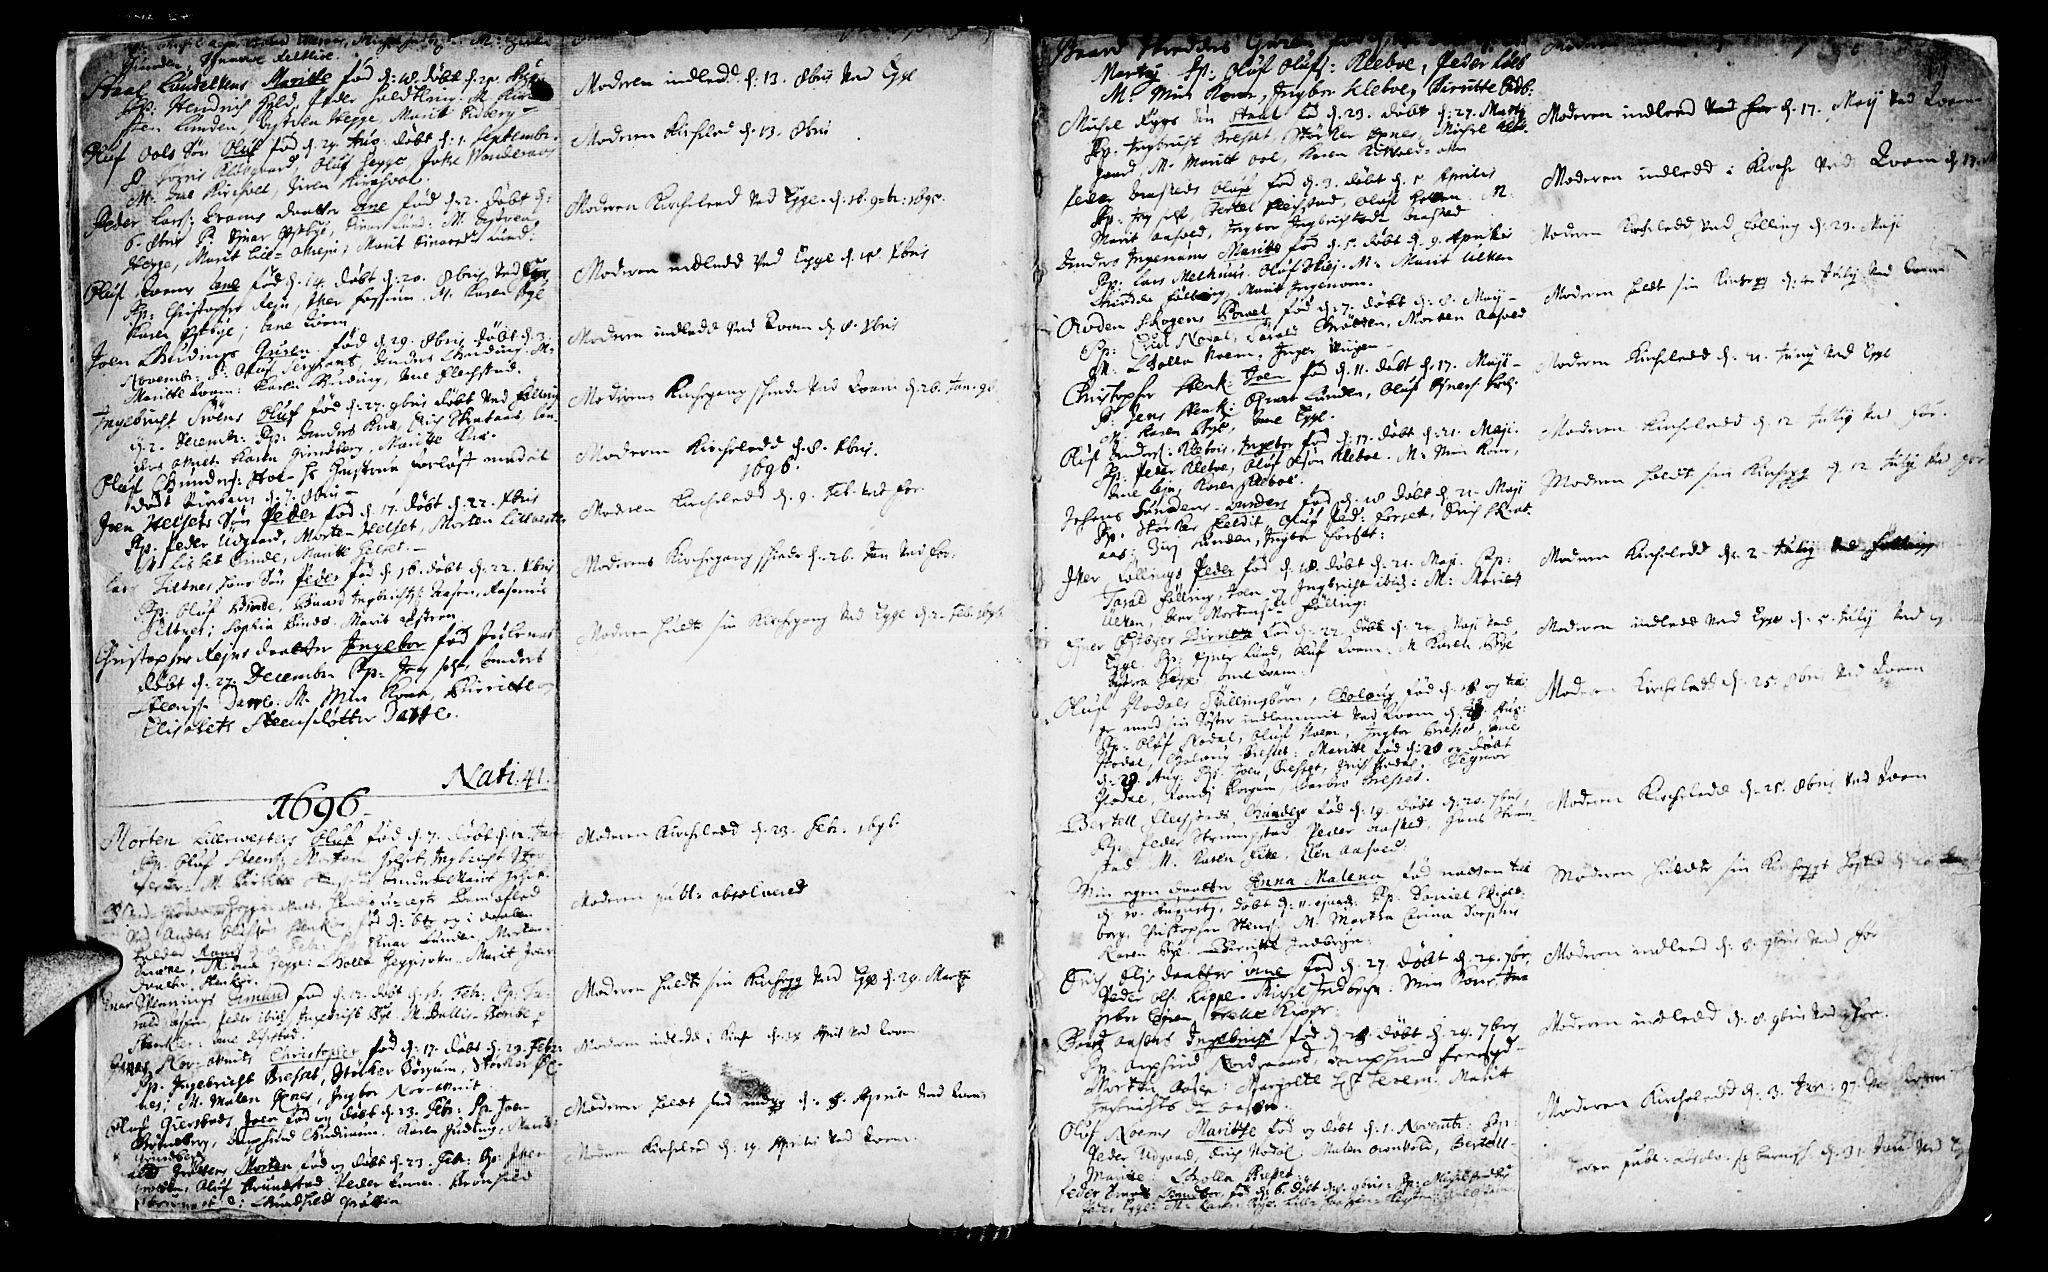 SAT, Ministerialprotokoller, klokkerbøker og fødselsregistre - Nord-Trøndelag, 746/L0439: Ministerialbok nr. 746A01, 1688-1759, s. 11